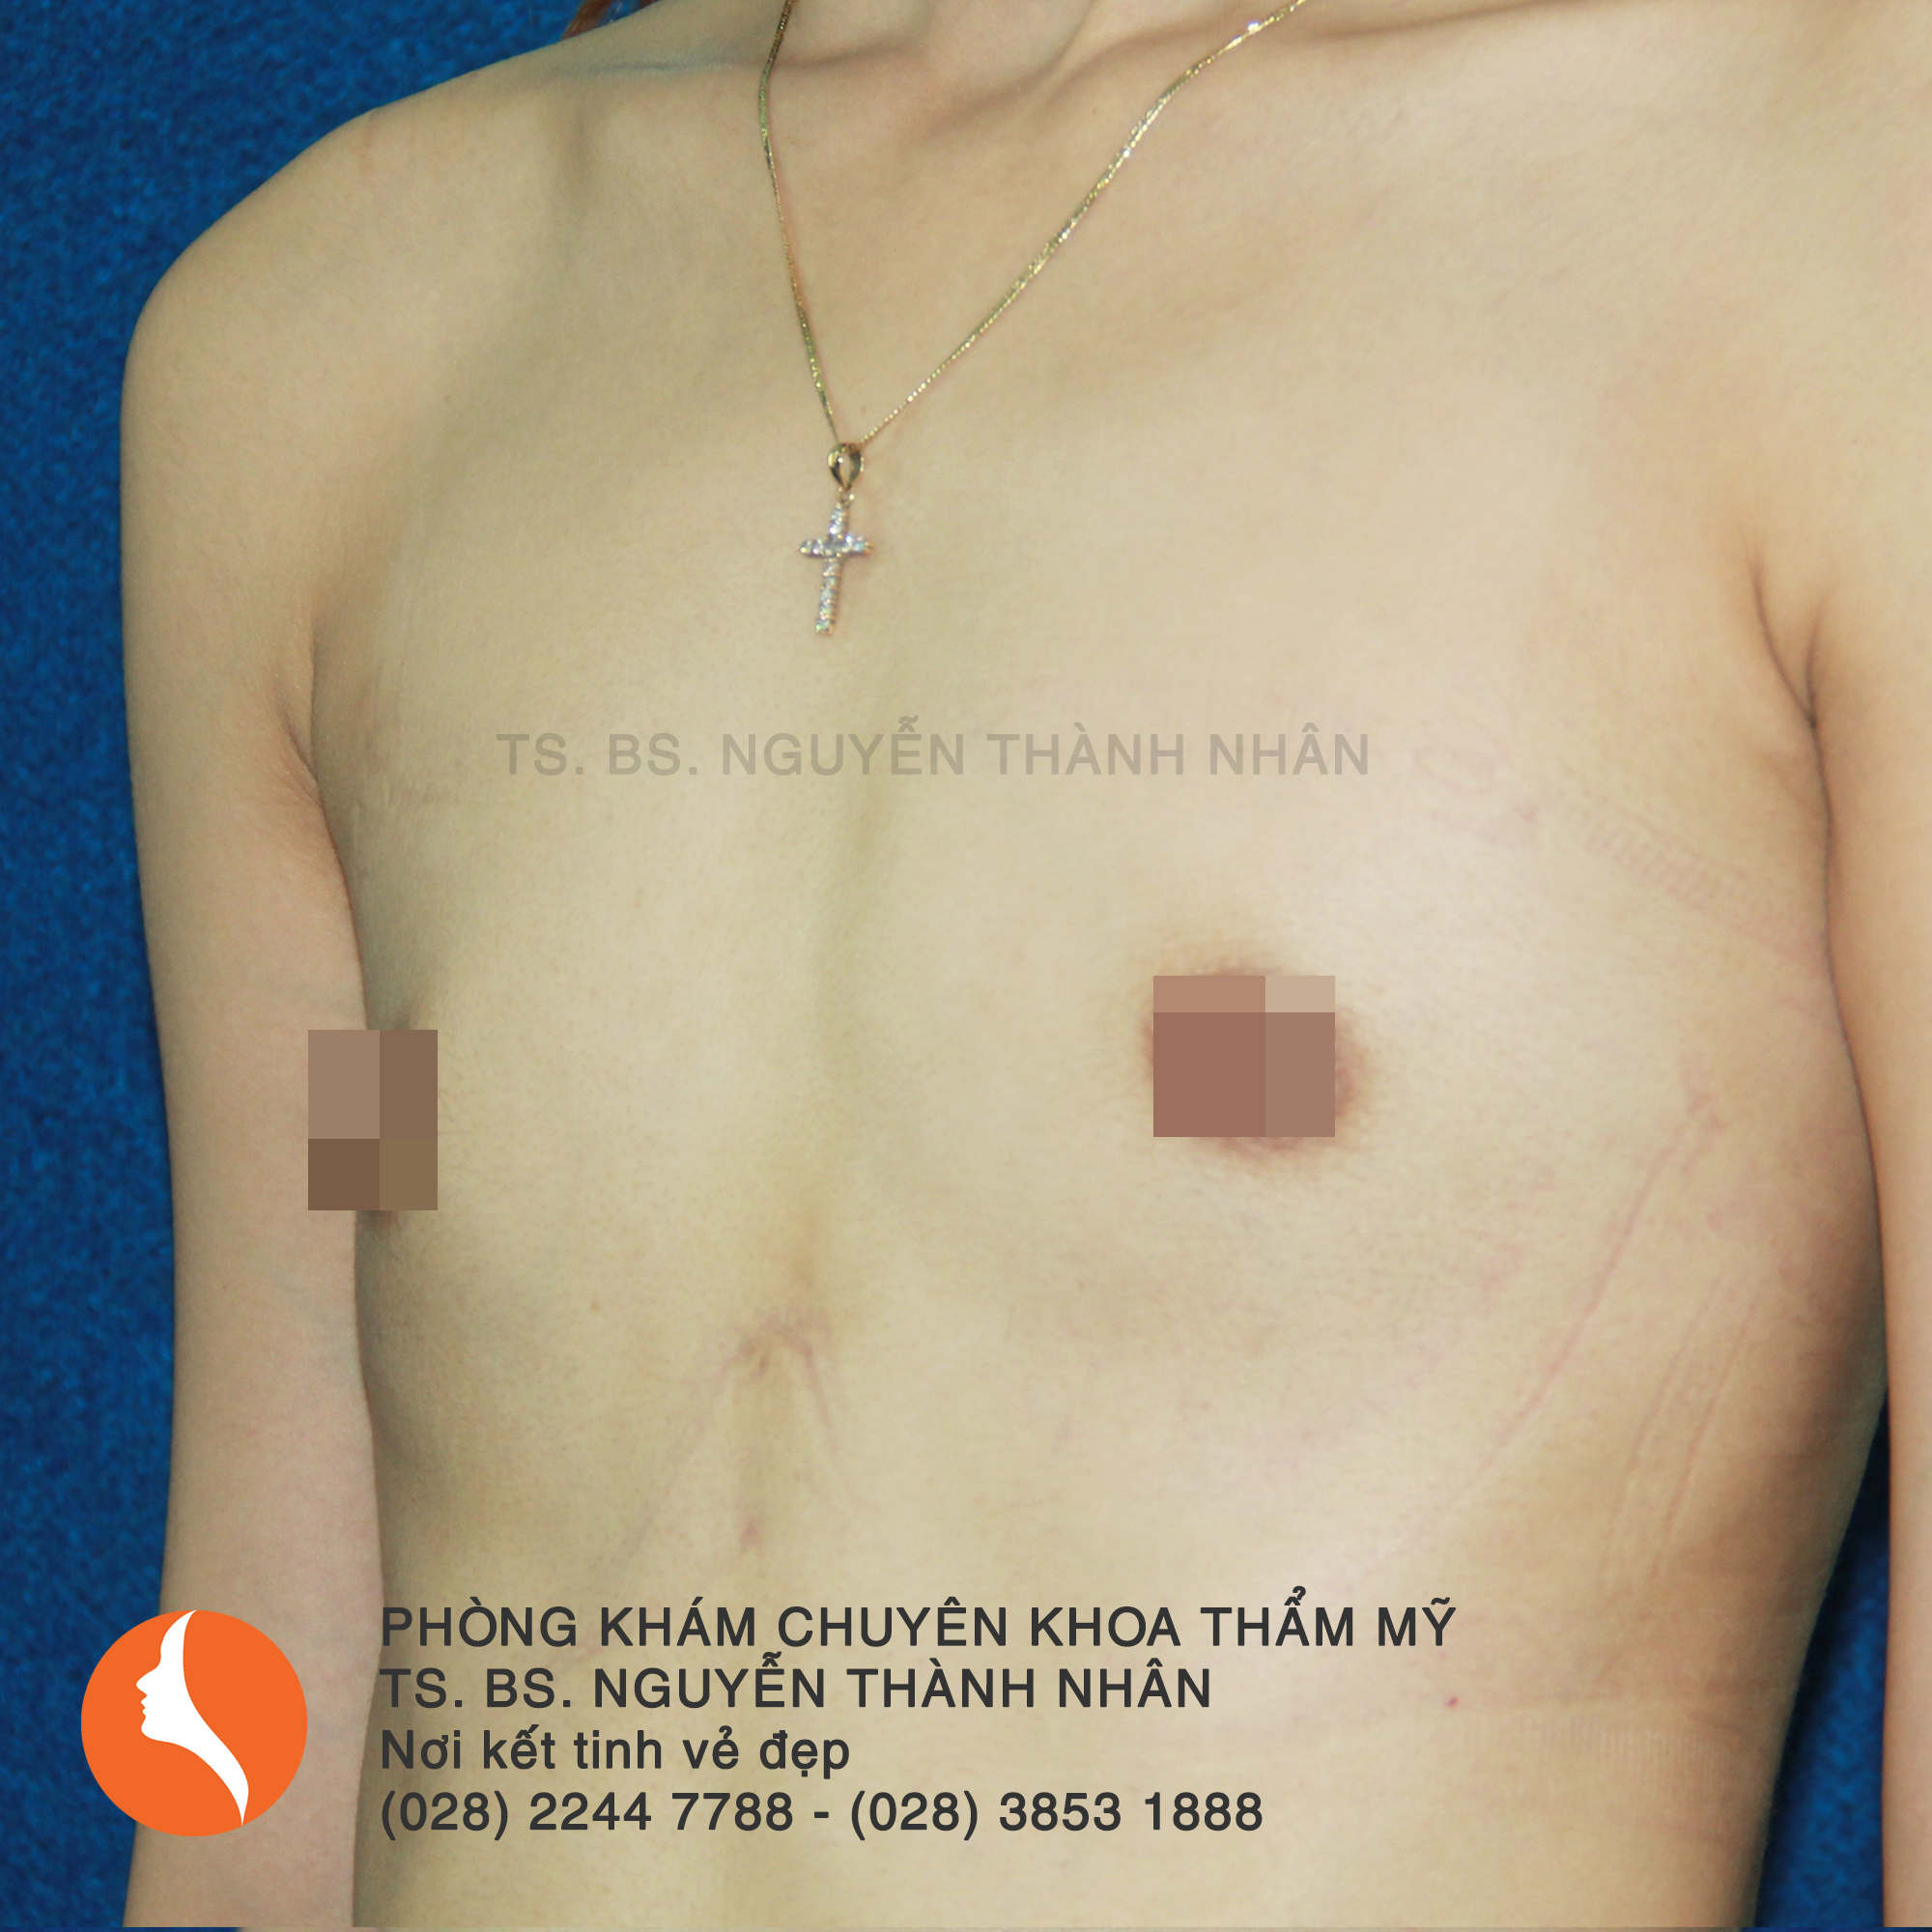 Ca 1: Trước phẫu thuật nâng ngực